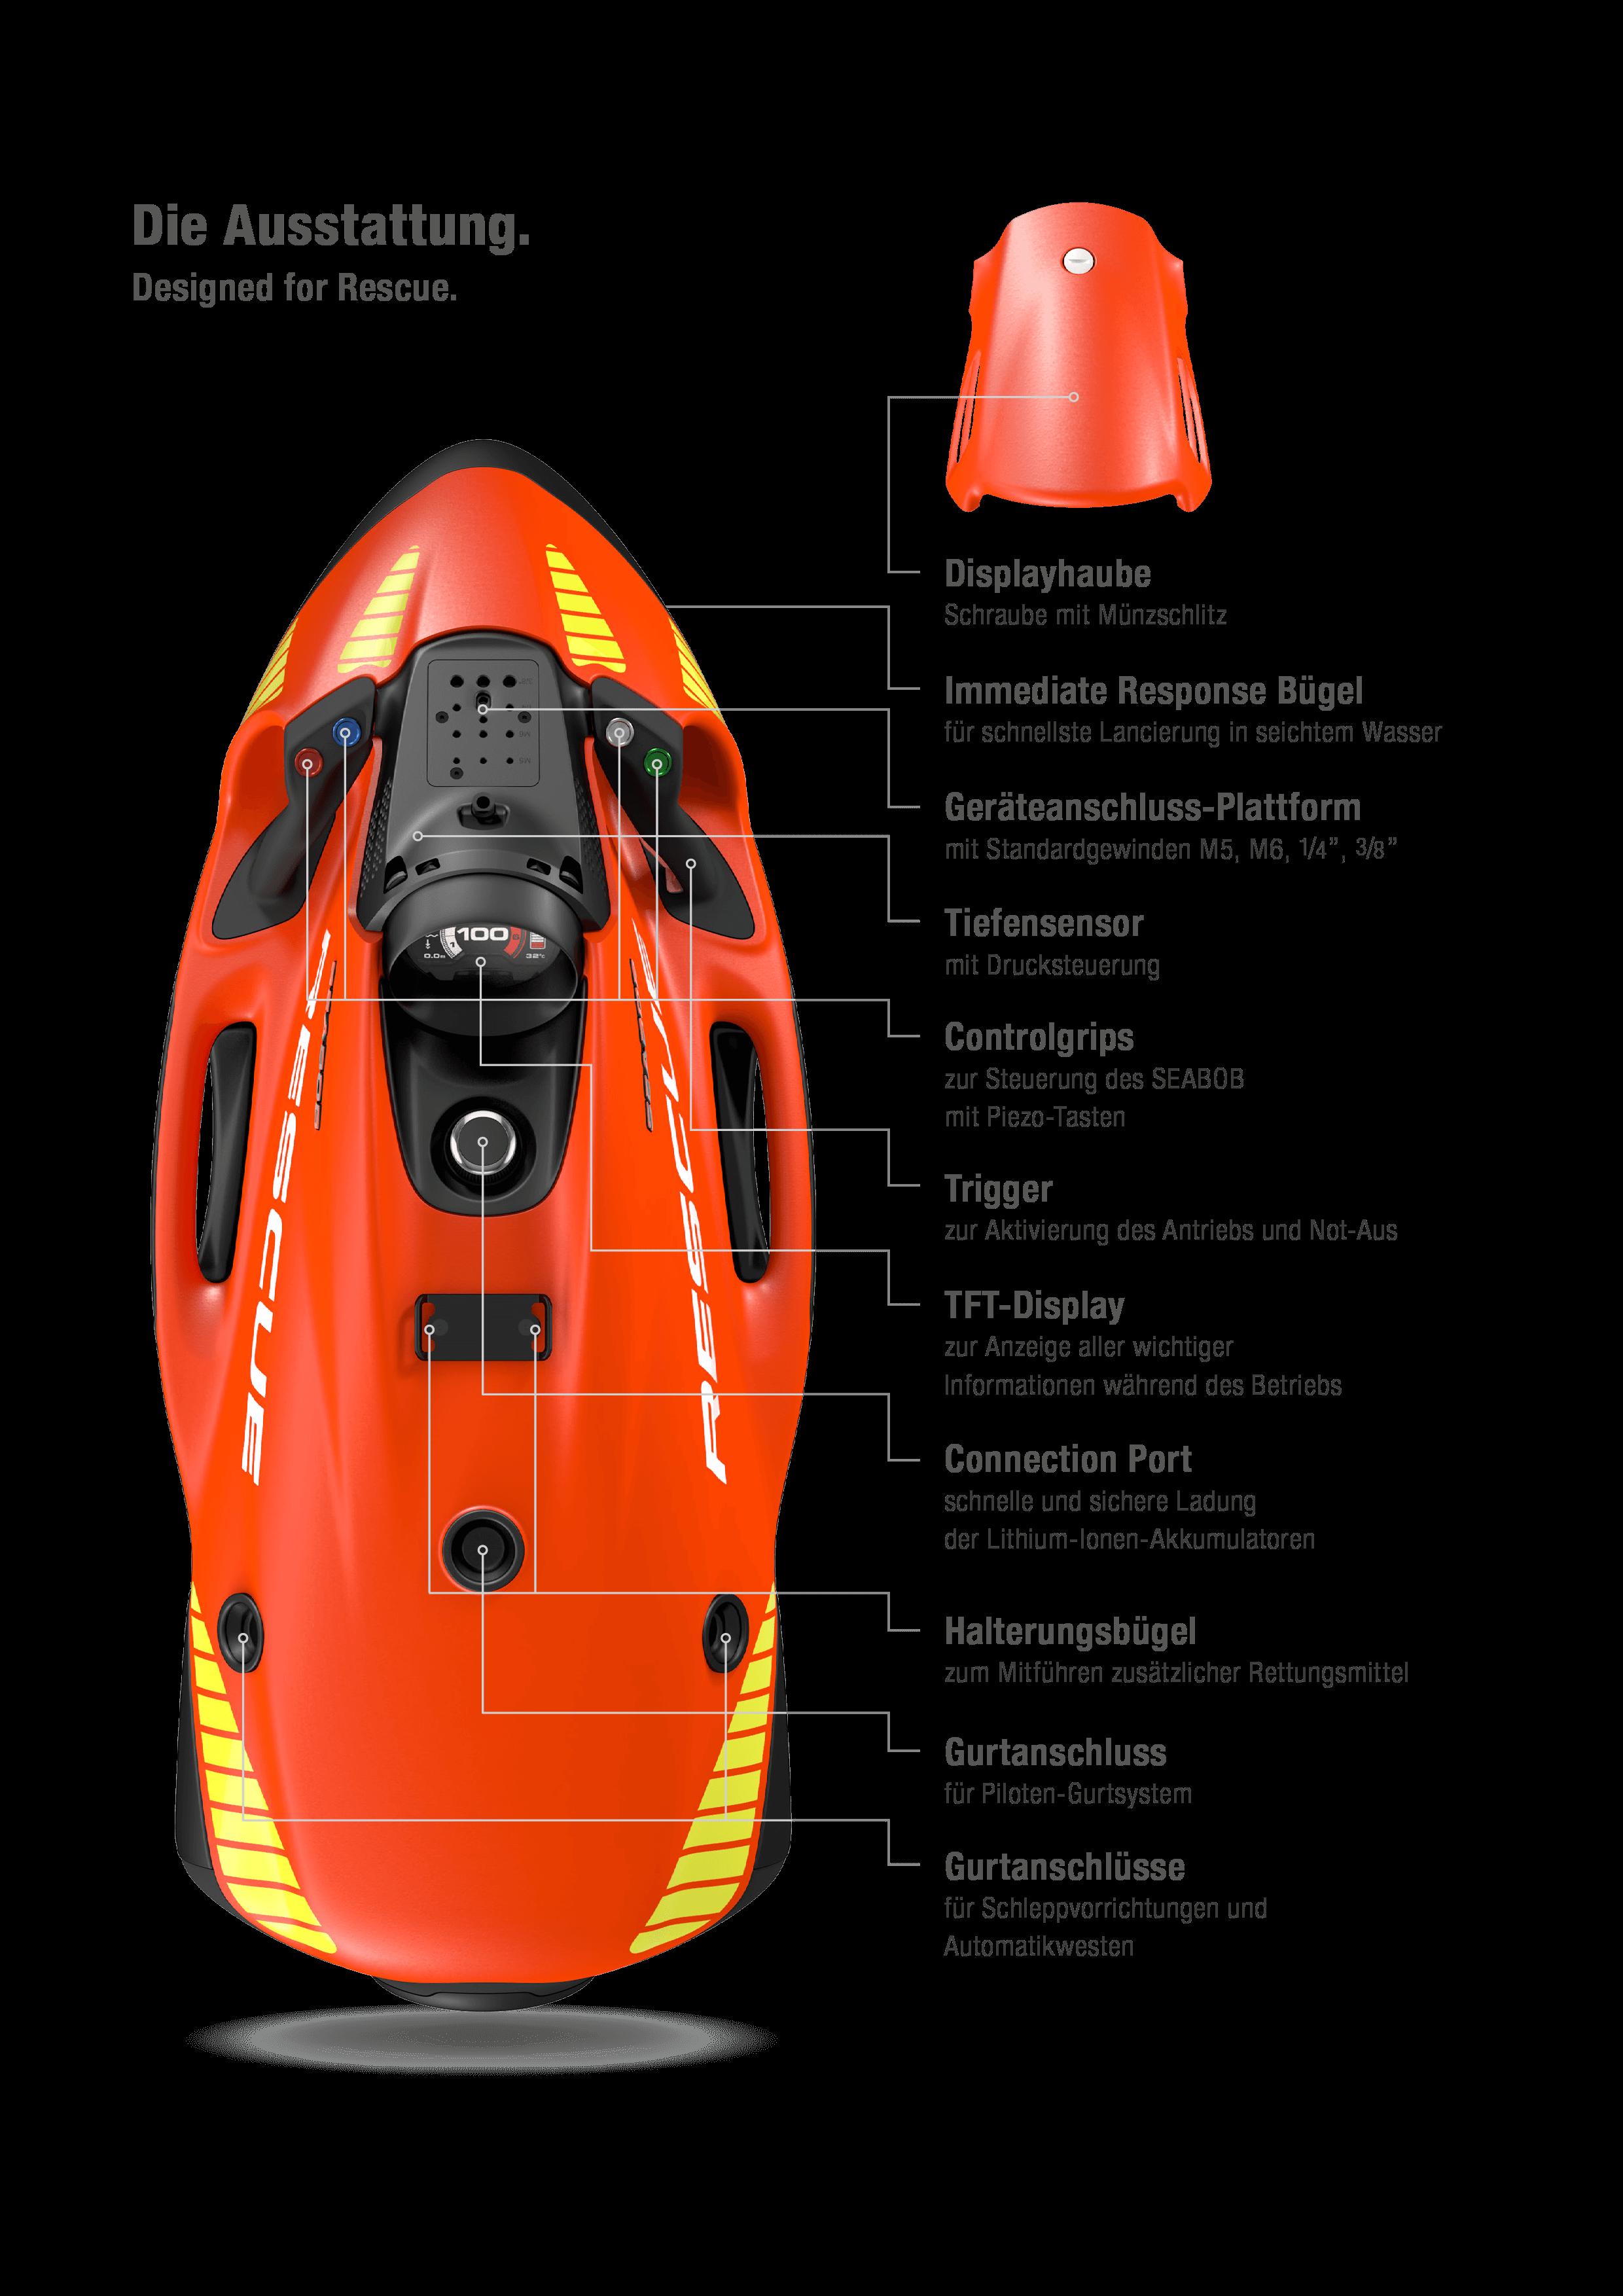 SEABOB Rescue Ausstattung